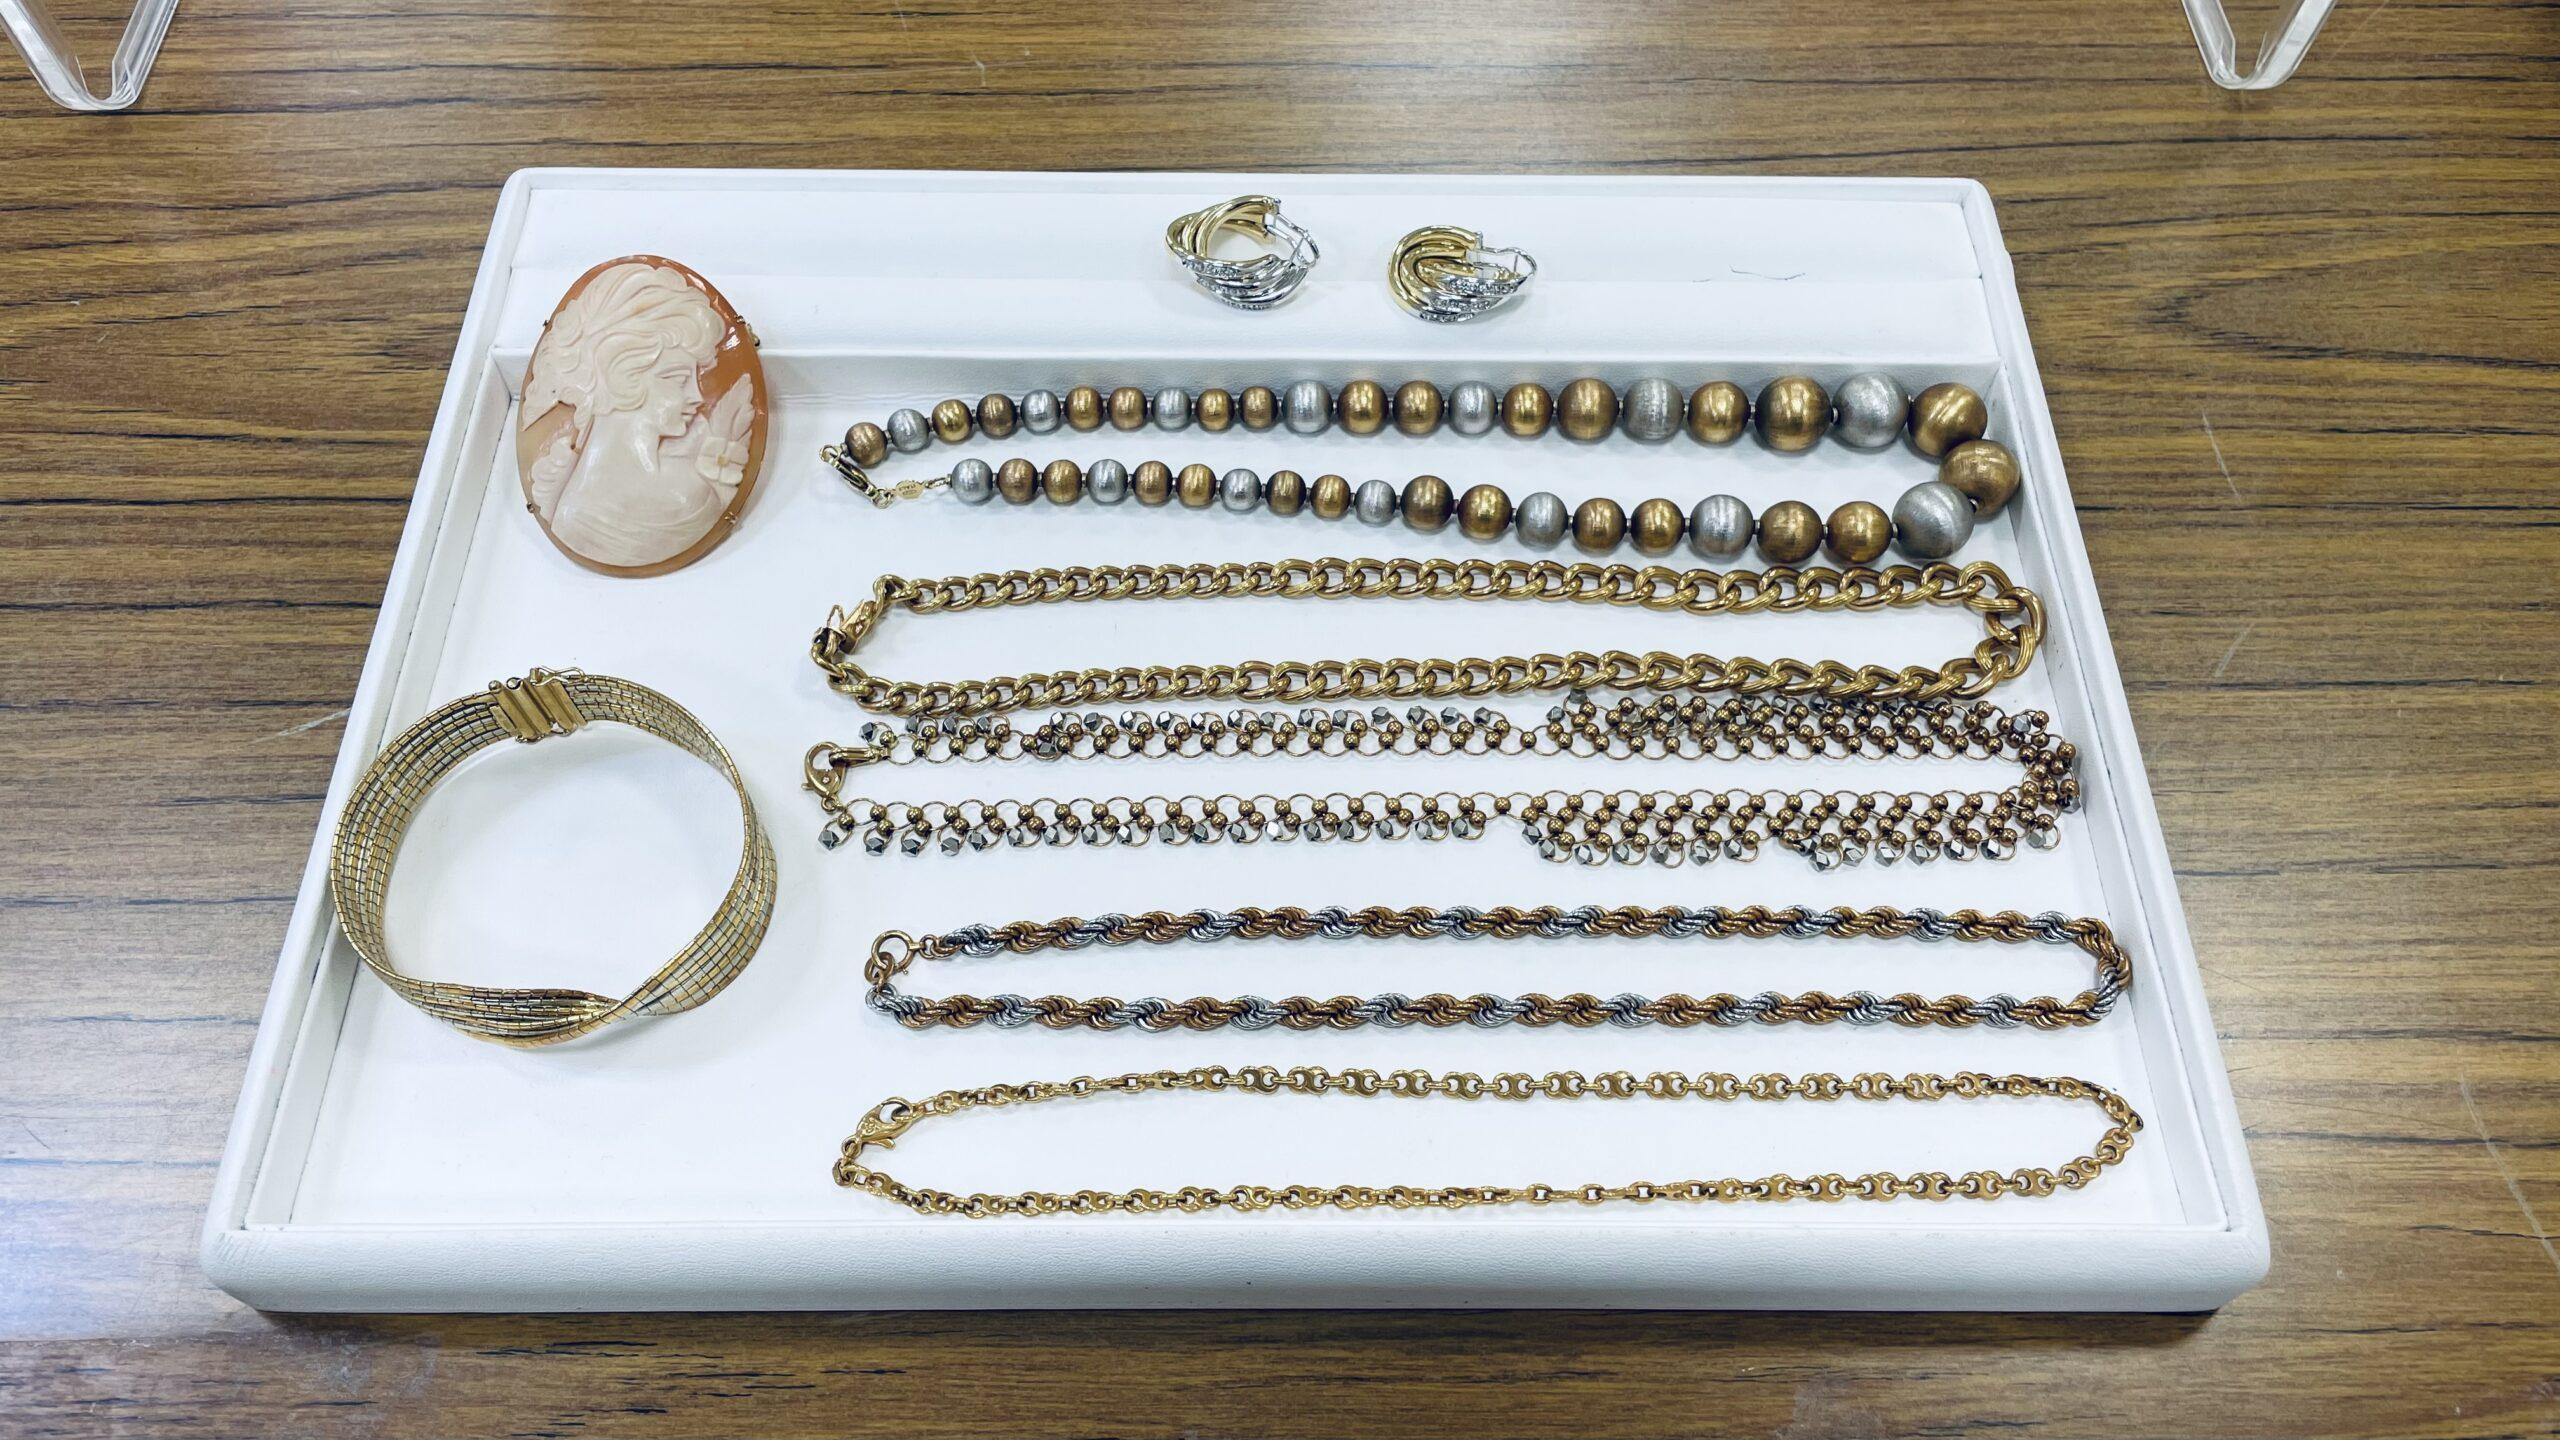 【買取速報】ダイヤモンド、チョーカー、ネックレス、ピアス・イヤリング、ブレスレット、ブローチ-2021-02-15